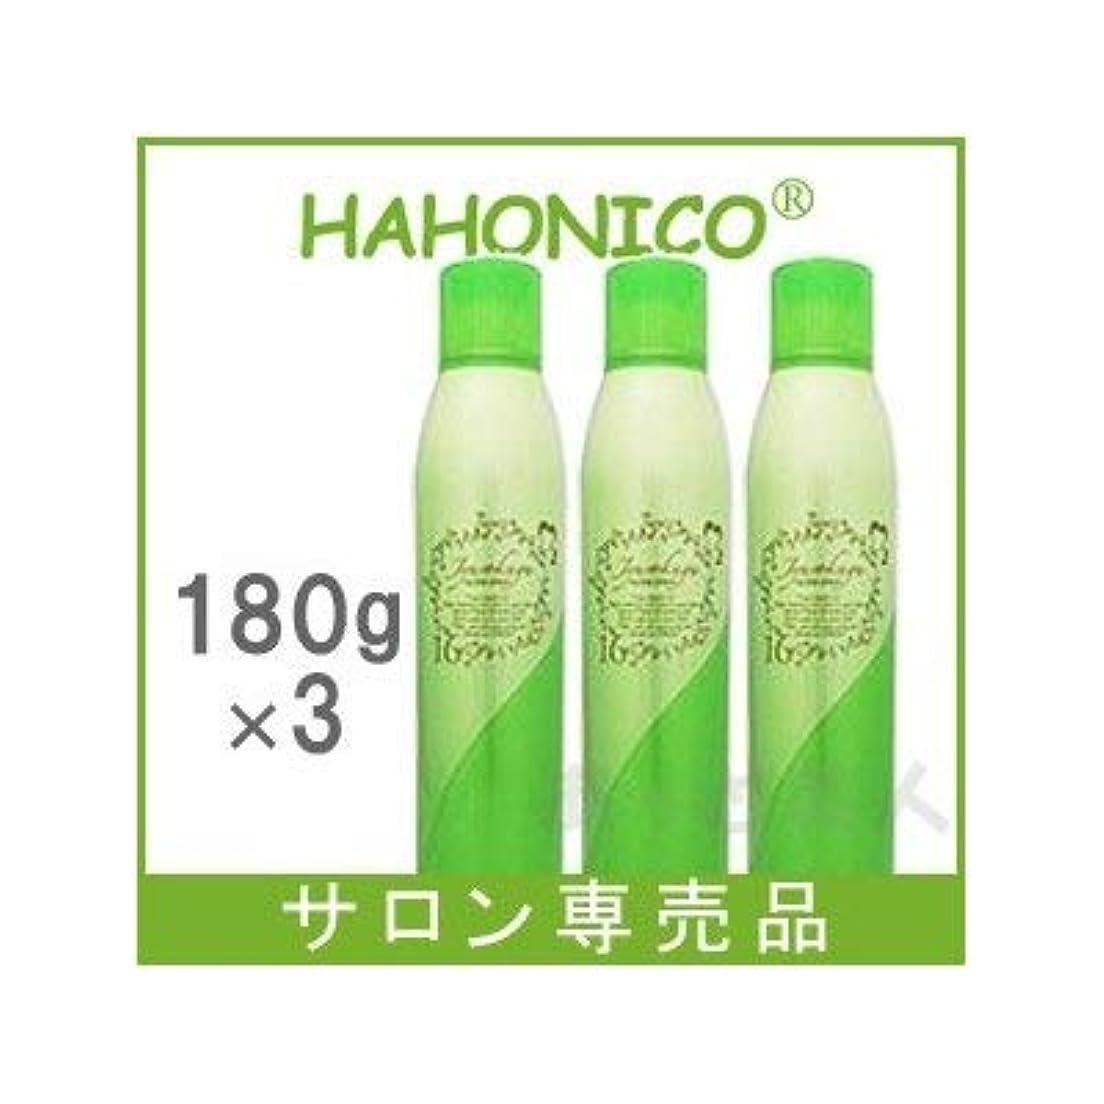 ユーモラス祝福給料【X3個セット】 ハホニコ ジュウロクユ ツヤスプレー 180g 十六油 HAHONICO